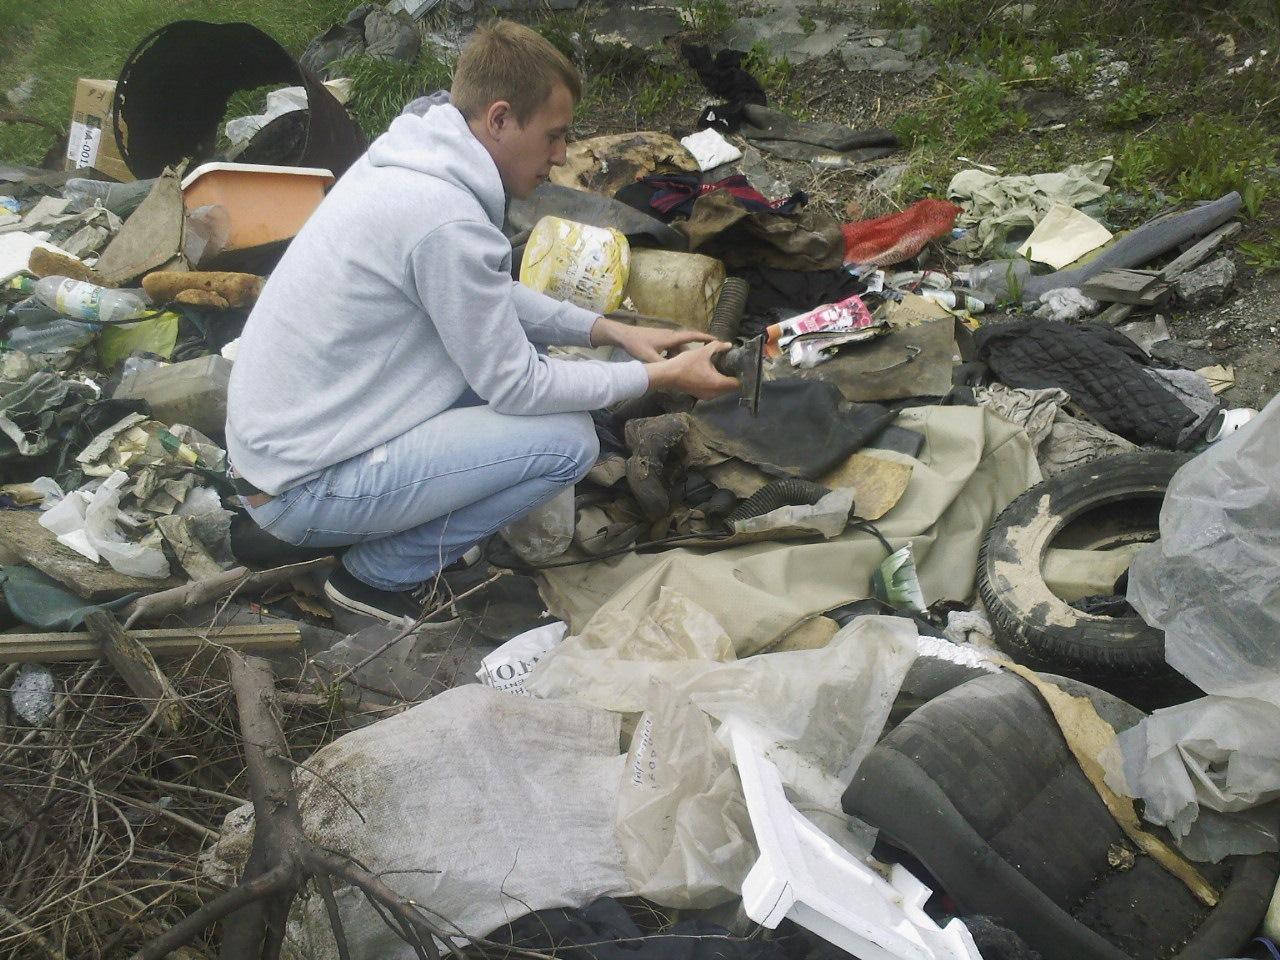 Клады и находки в заброшенных домах фото спина, уверенная